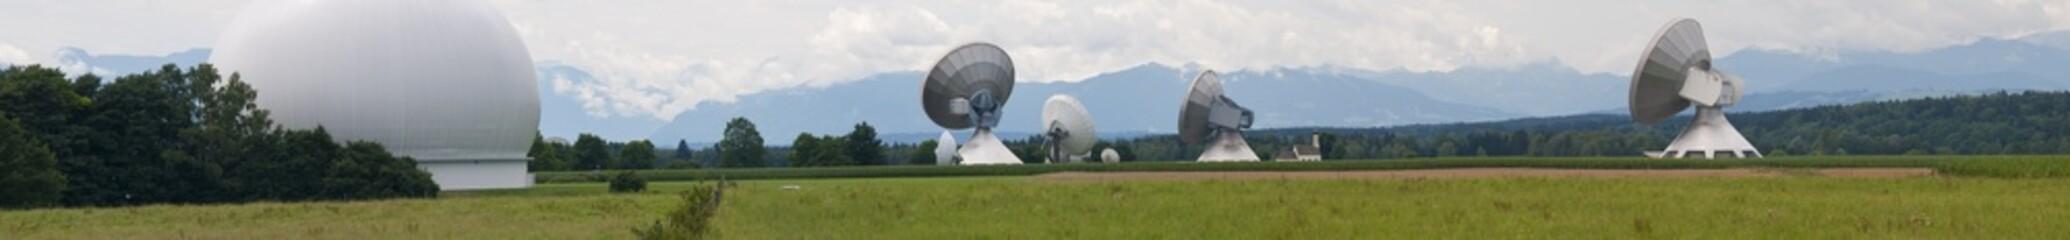 Erdfunkstelle Raisting, Bayern, Deutschland